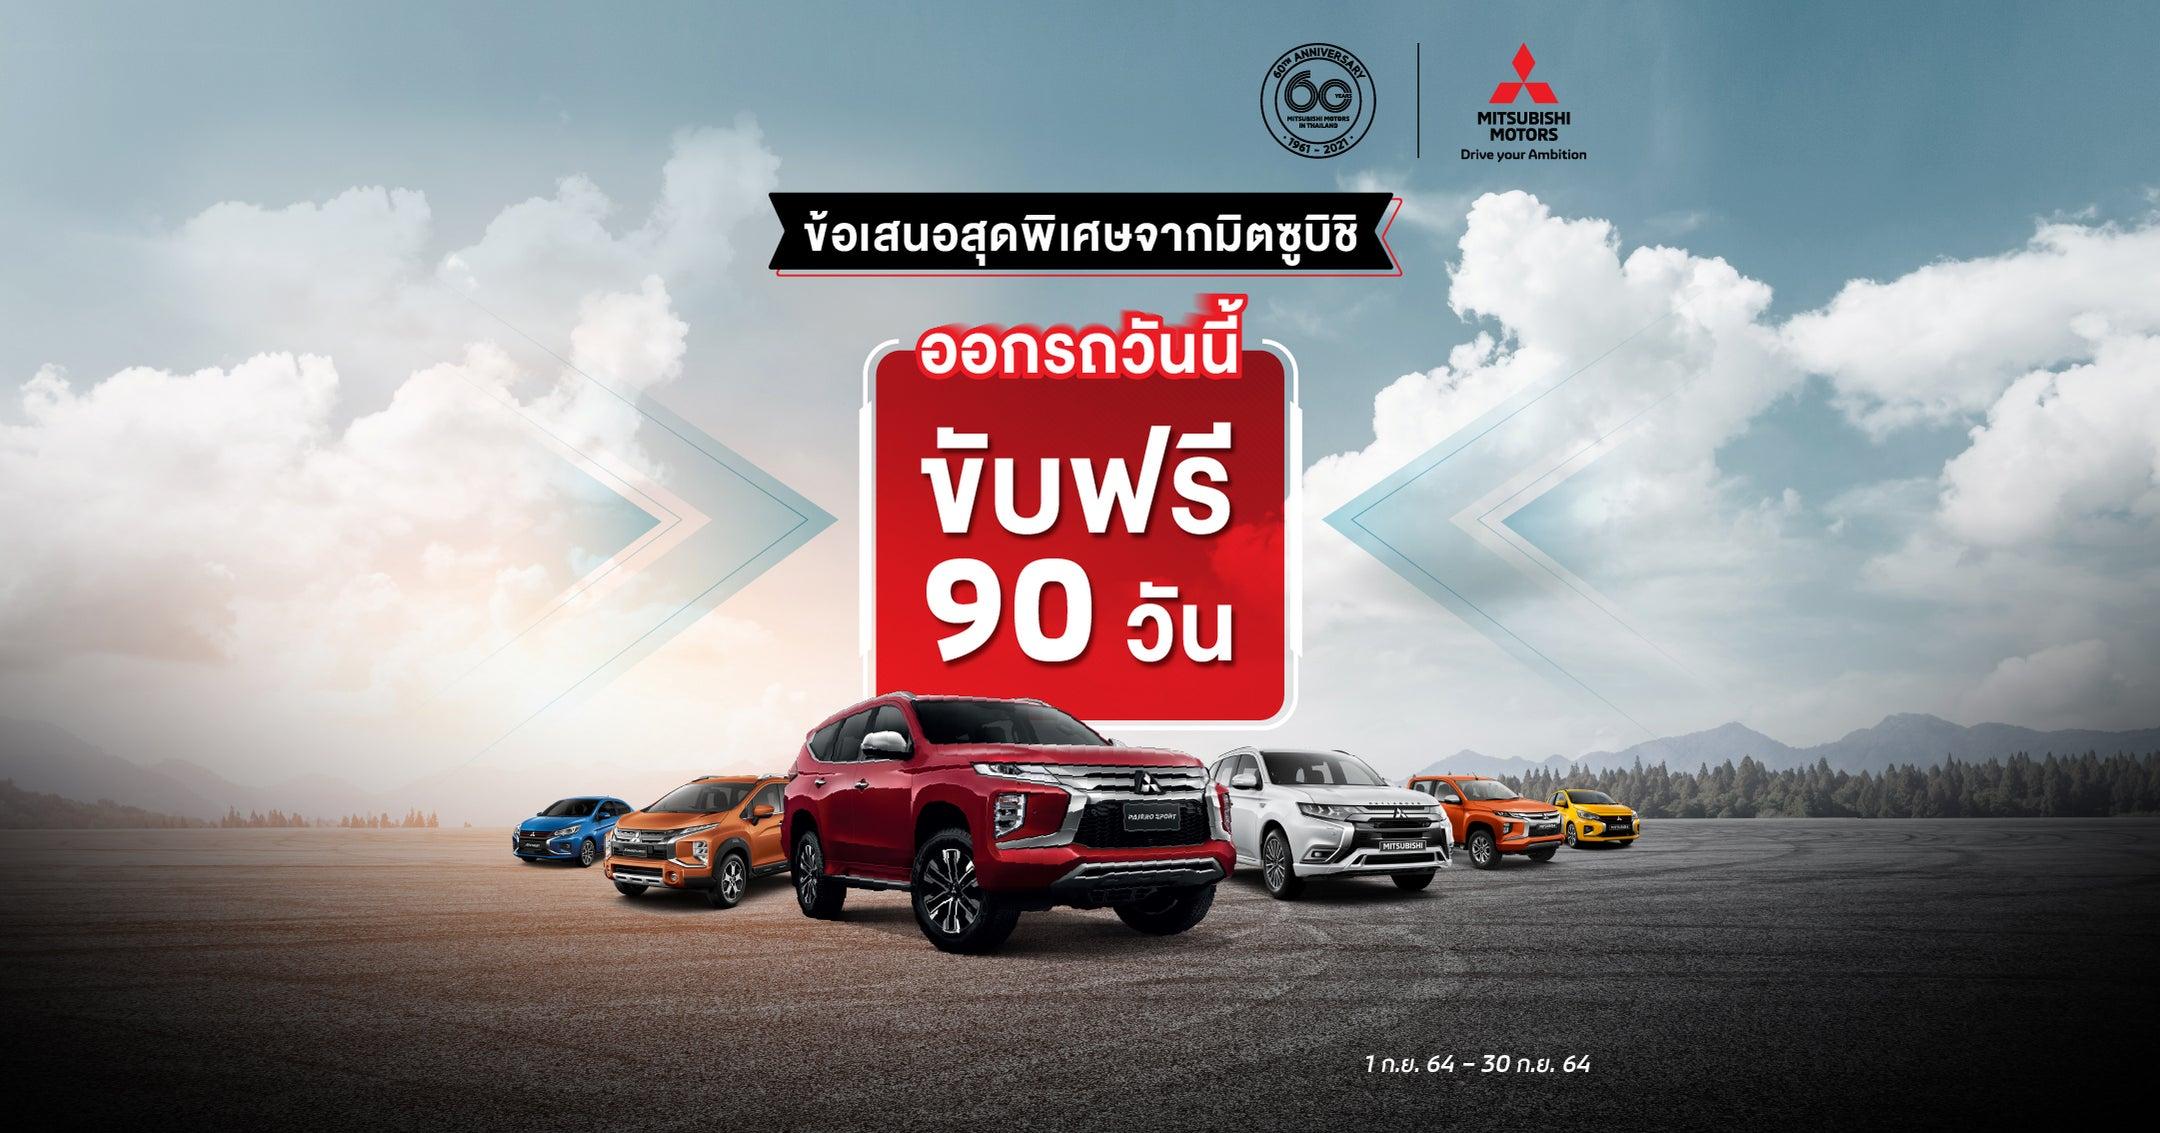 รถมิตซูบิชิ ขับฟรีสูงสุด 90 วัน สำหรับลูกค้าที่จองรุ่นใดก็ได้